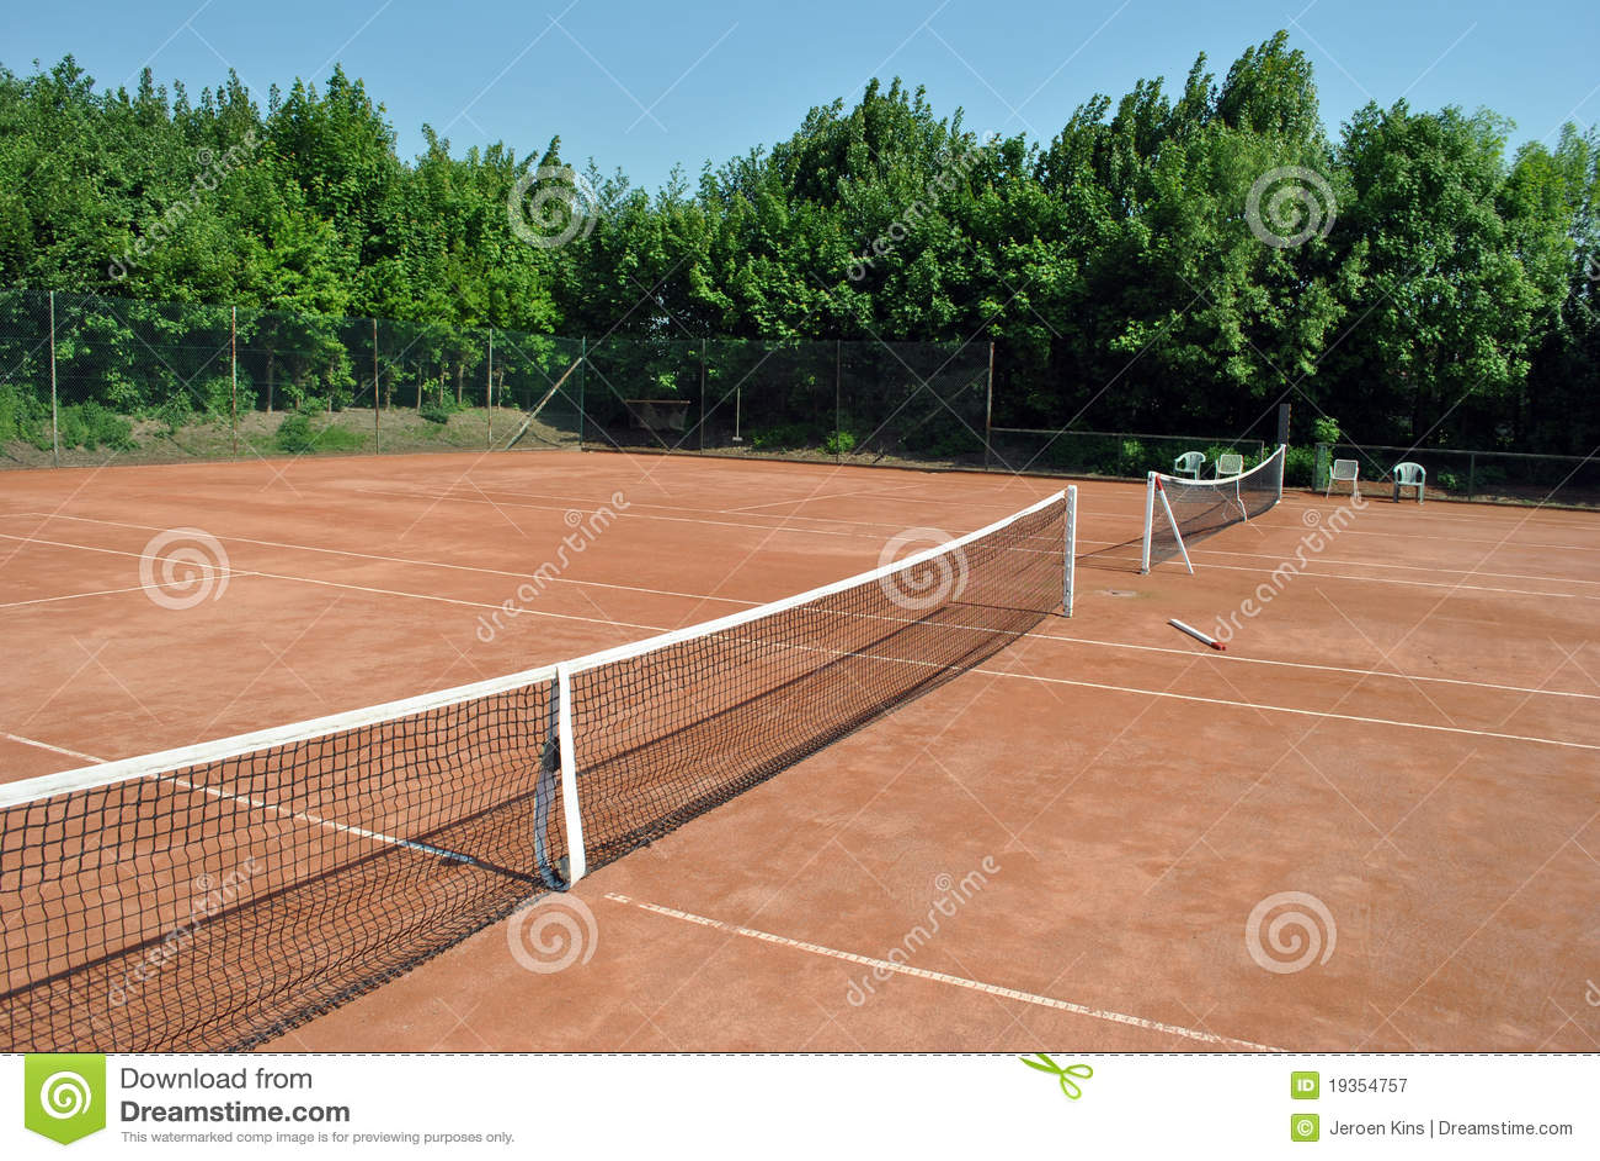 Corte de tênis vazia